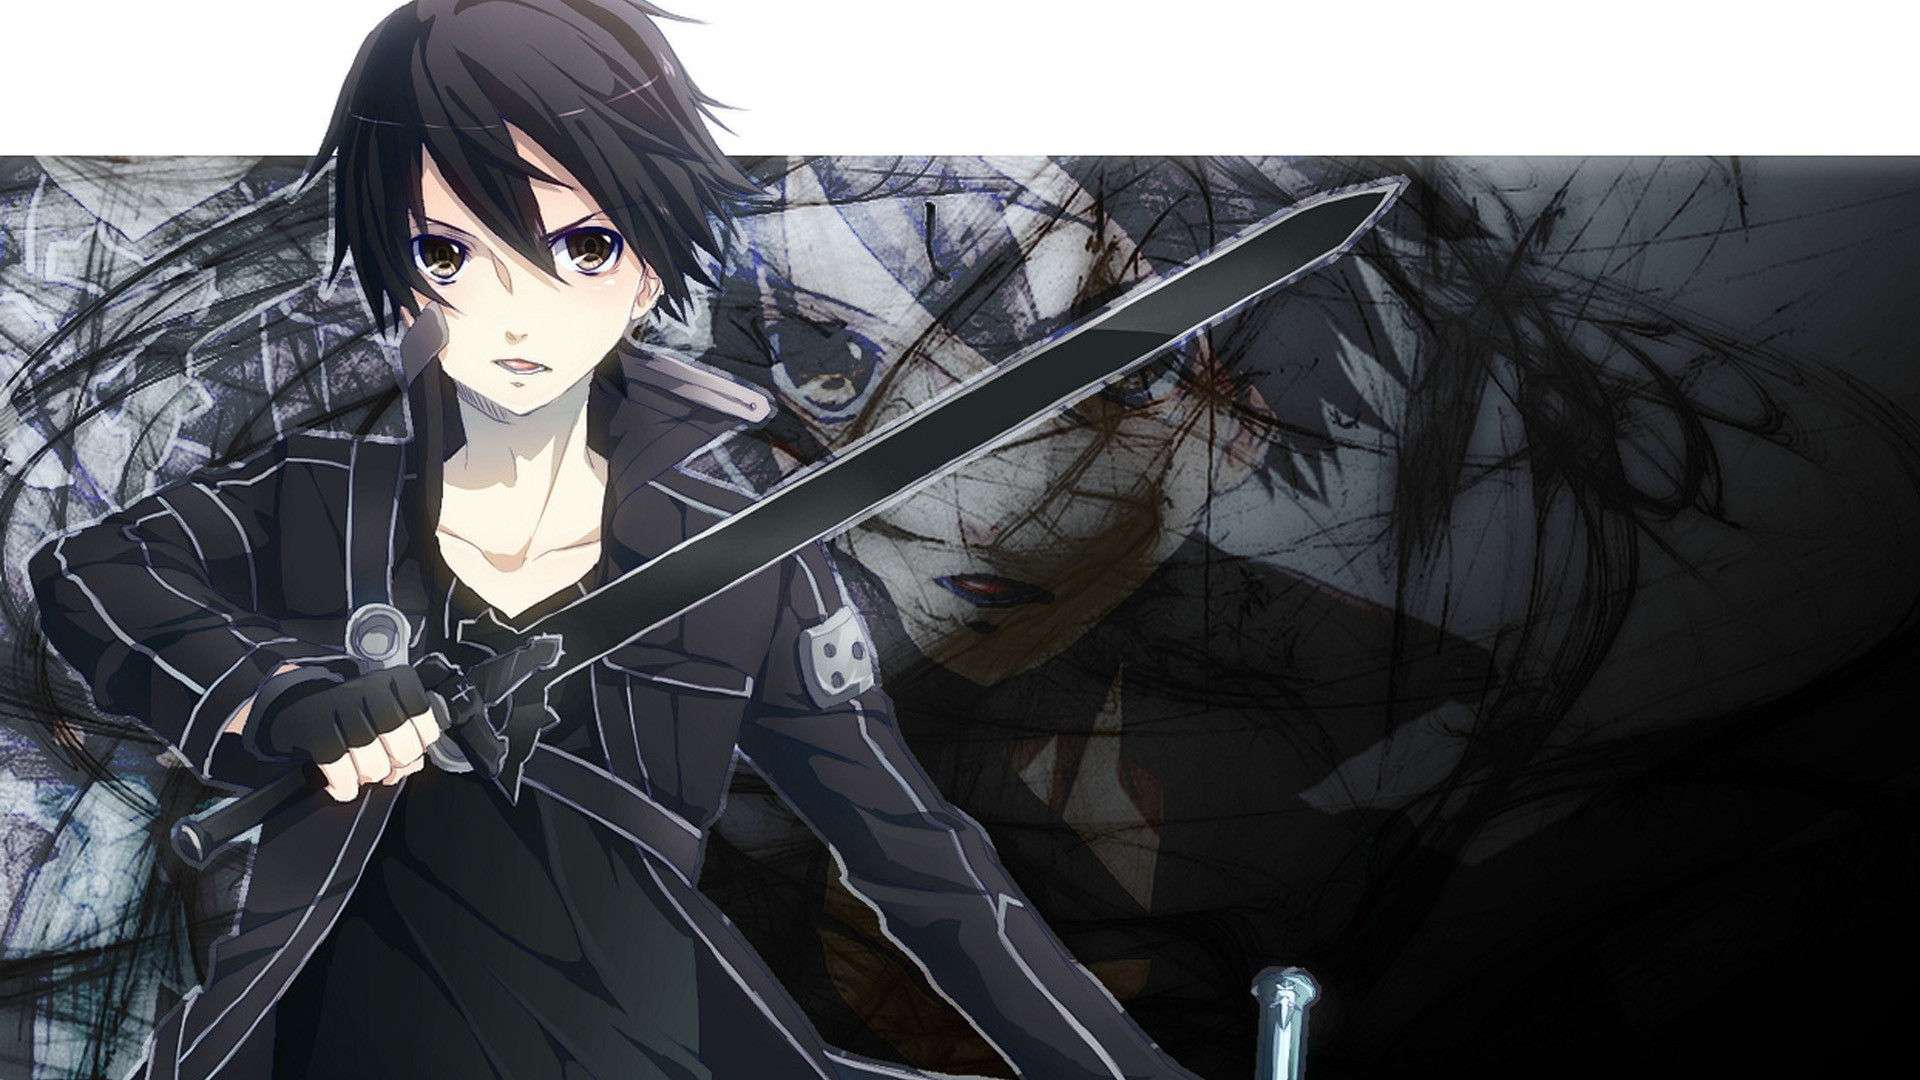 Sword Art Online Anime Wallpaper 022